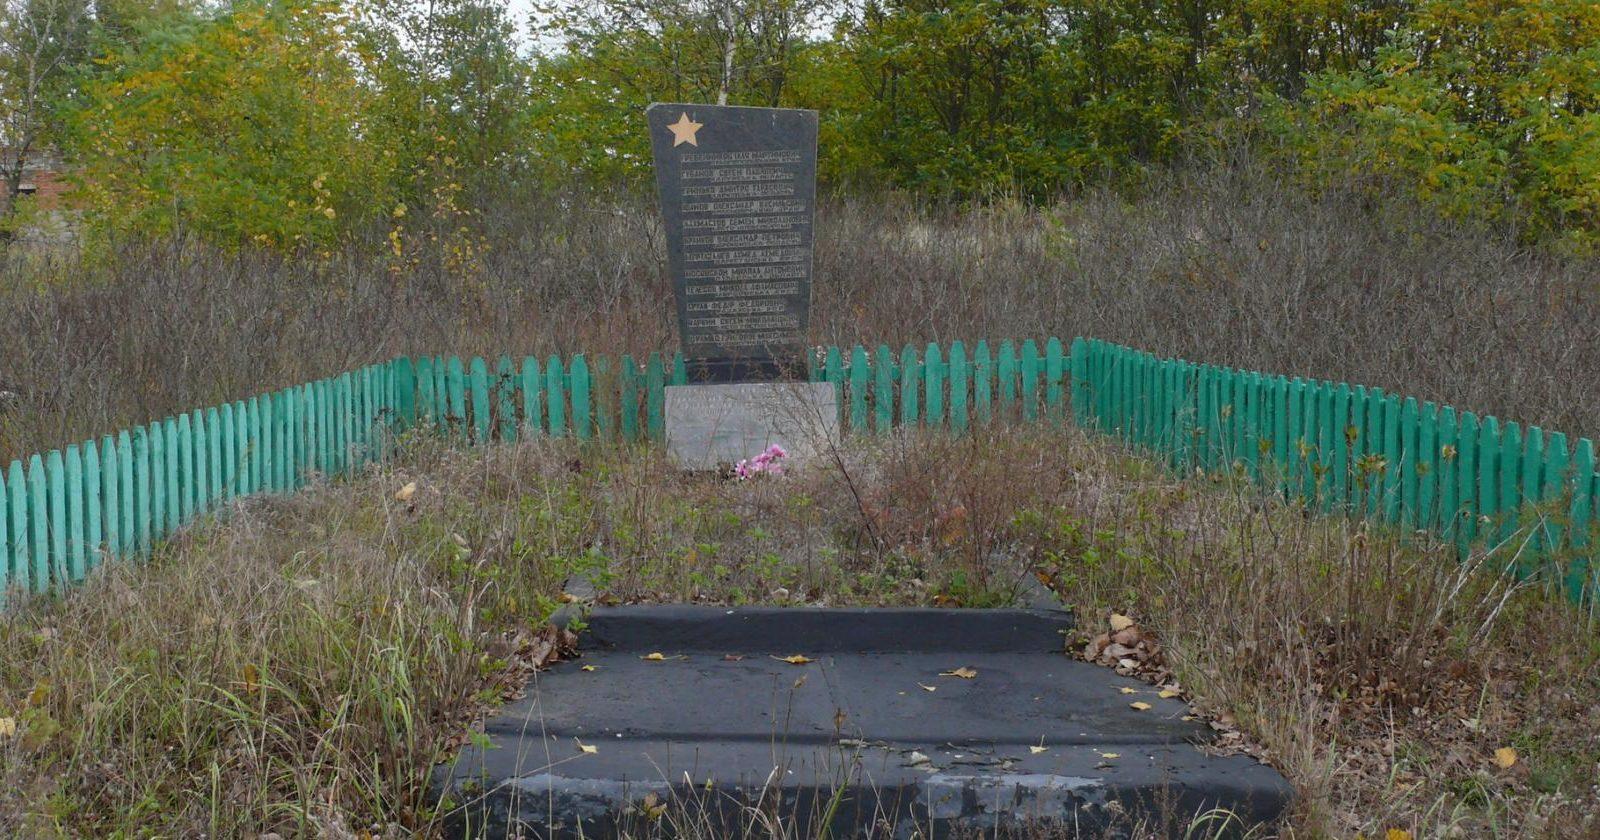 с. Разъезжее, Чернобыльская зона отчуждения. Братская могила воинов, погибших в годы войны.